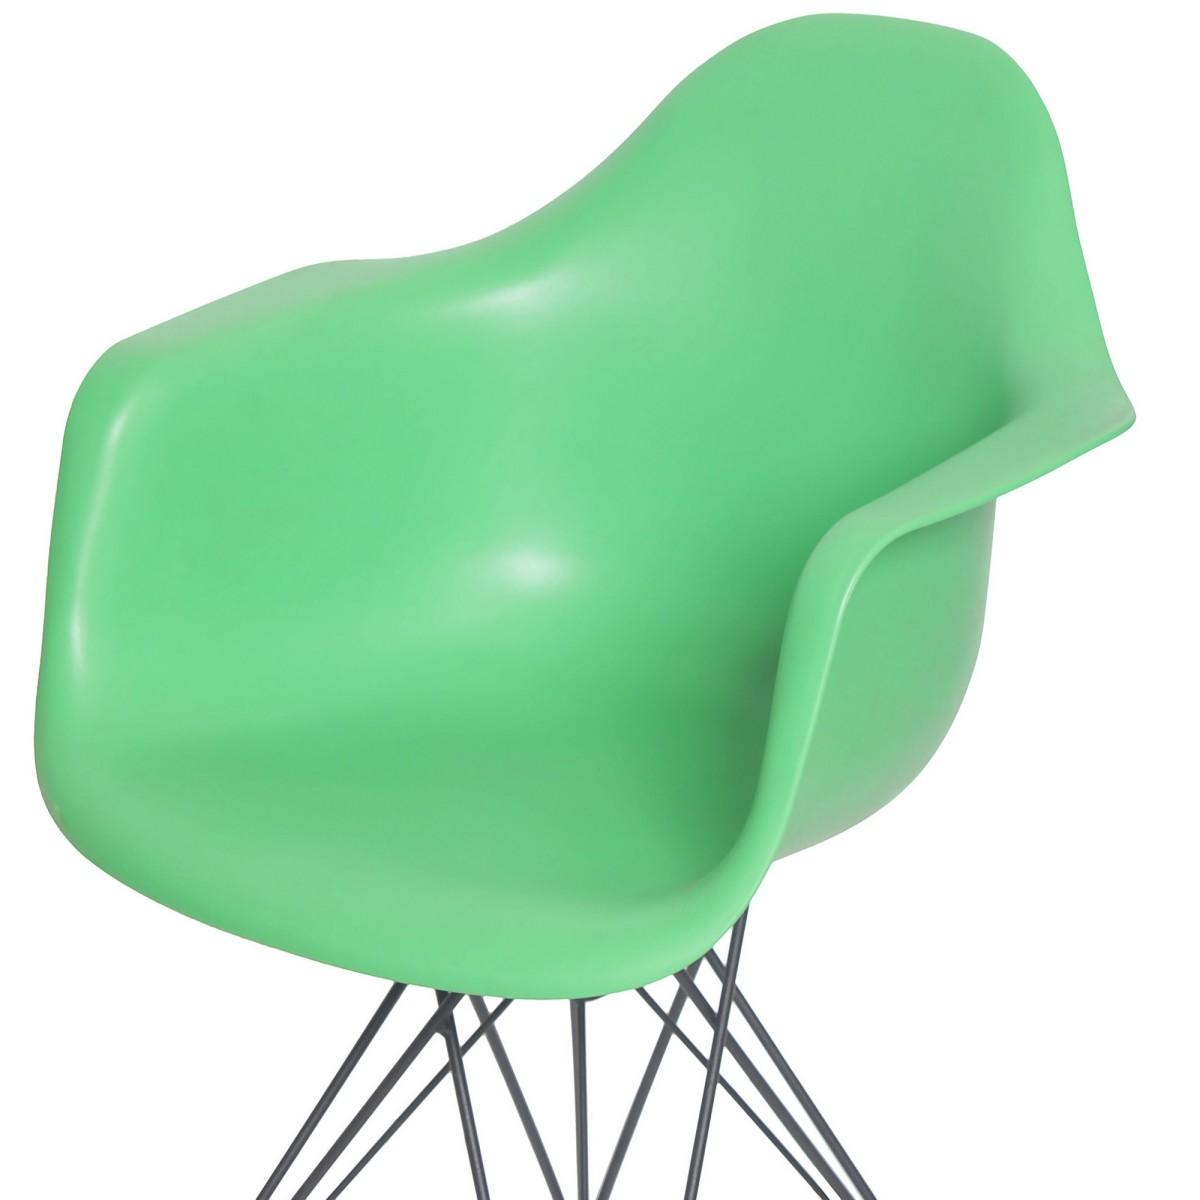 Сиденье для стула Sheffilton SHT-ST7 цвет зеленый RAL6018